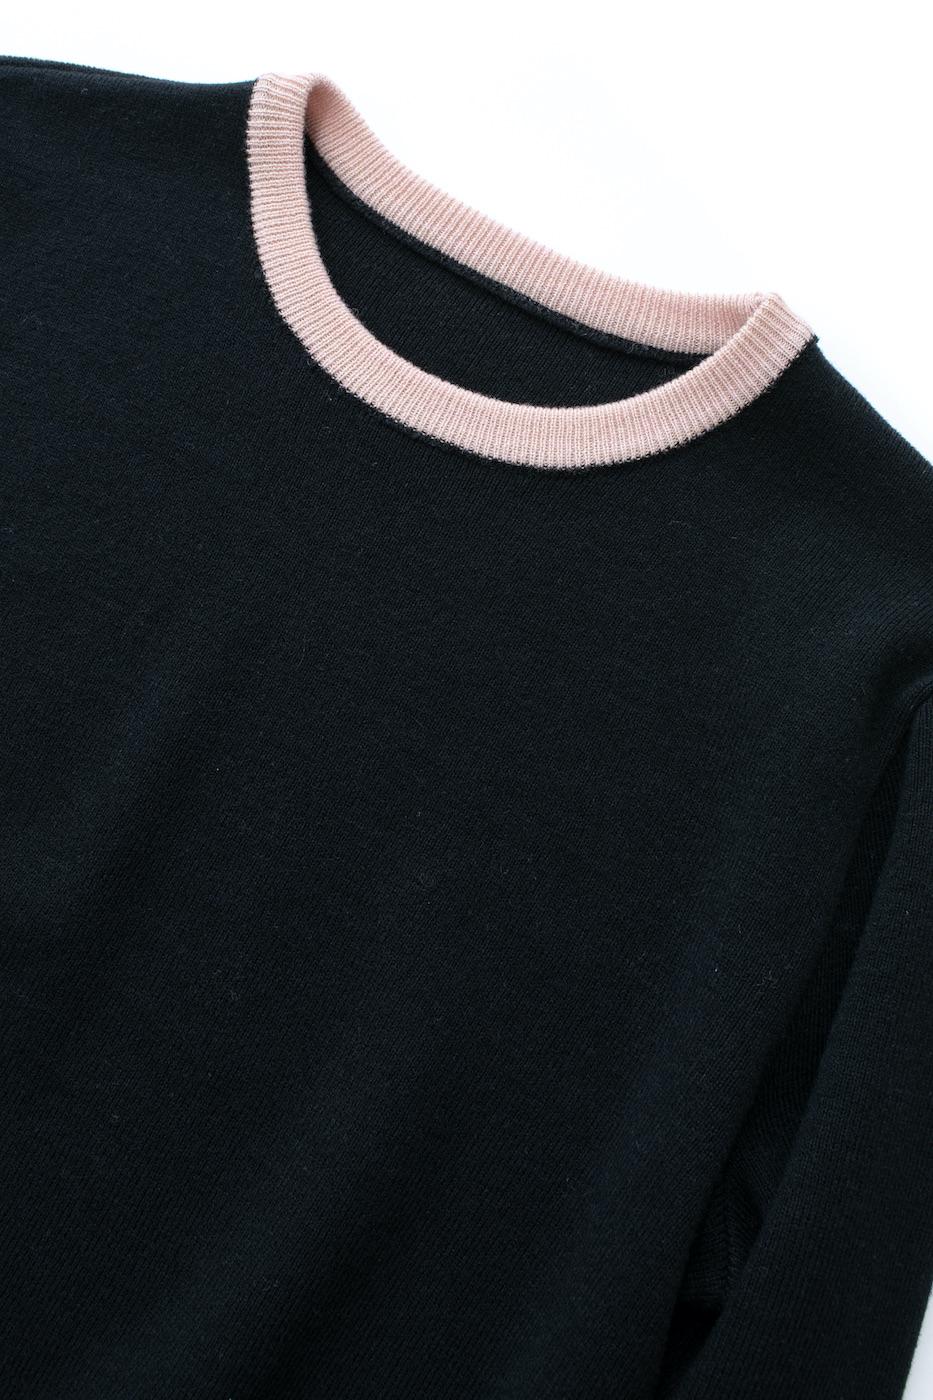 バイカラーニット/ピンク